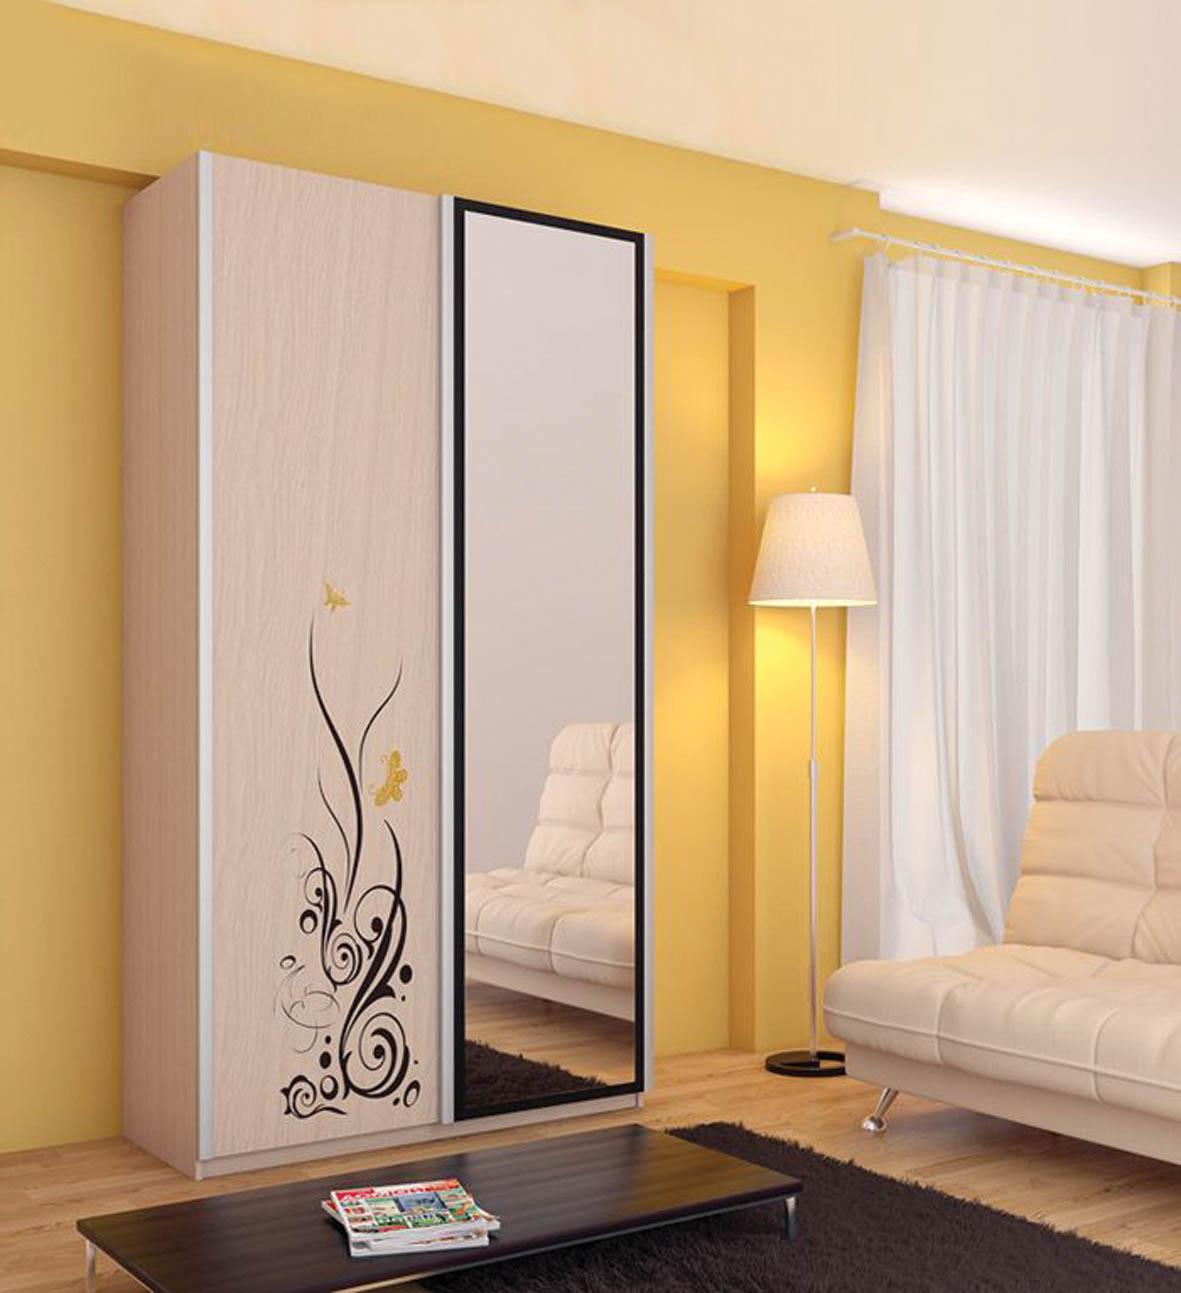 Двухдверный шкаф-купе: фото и особенности - мебельный блог.